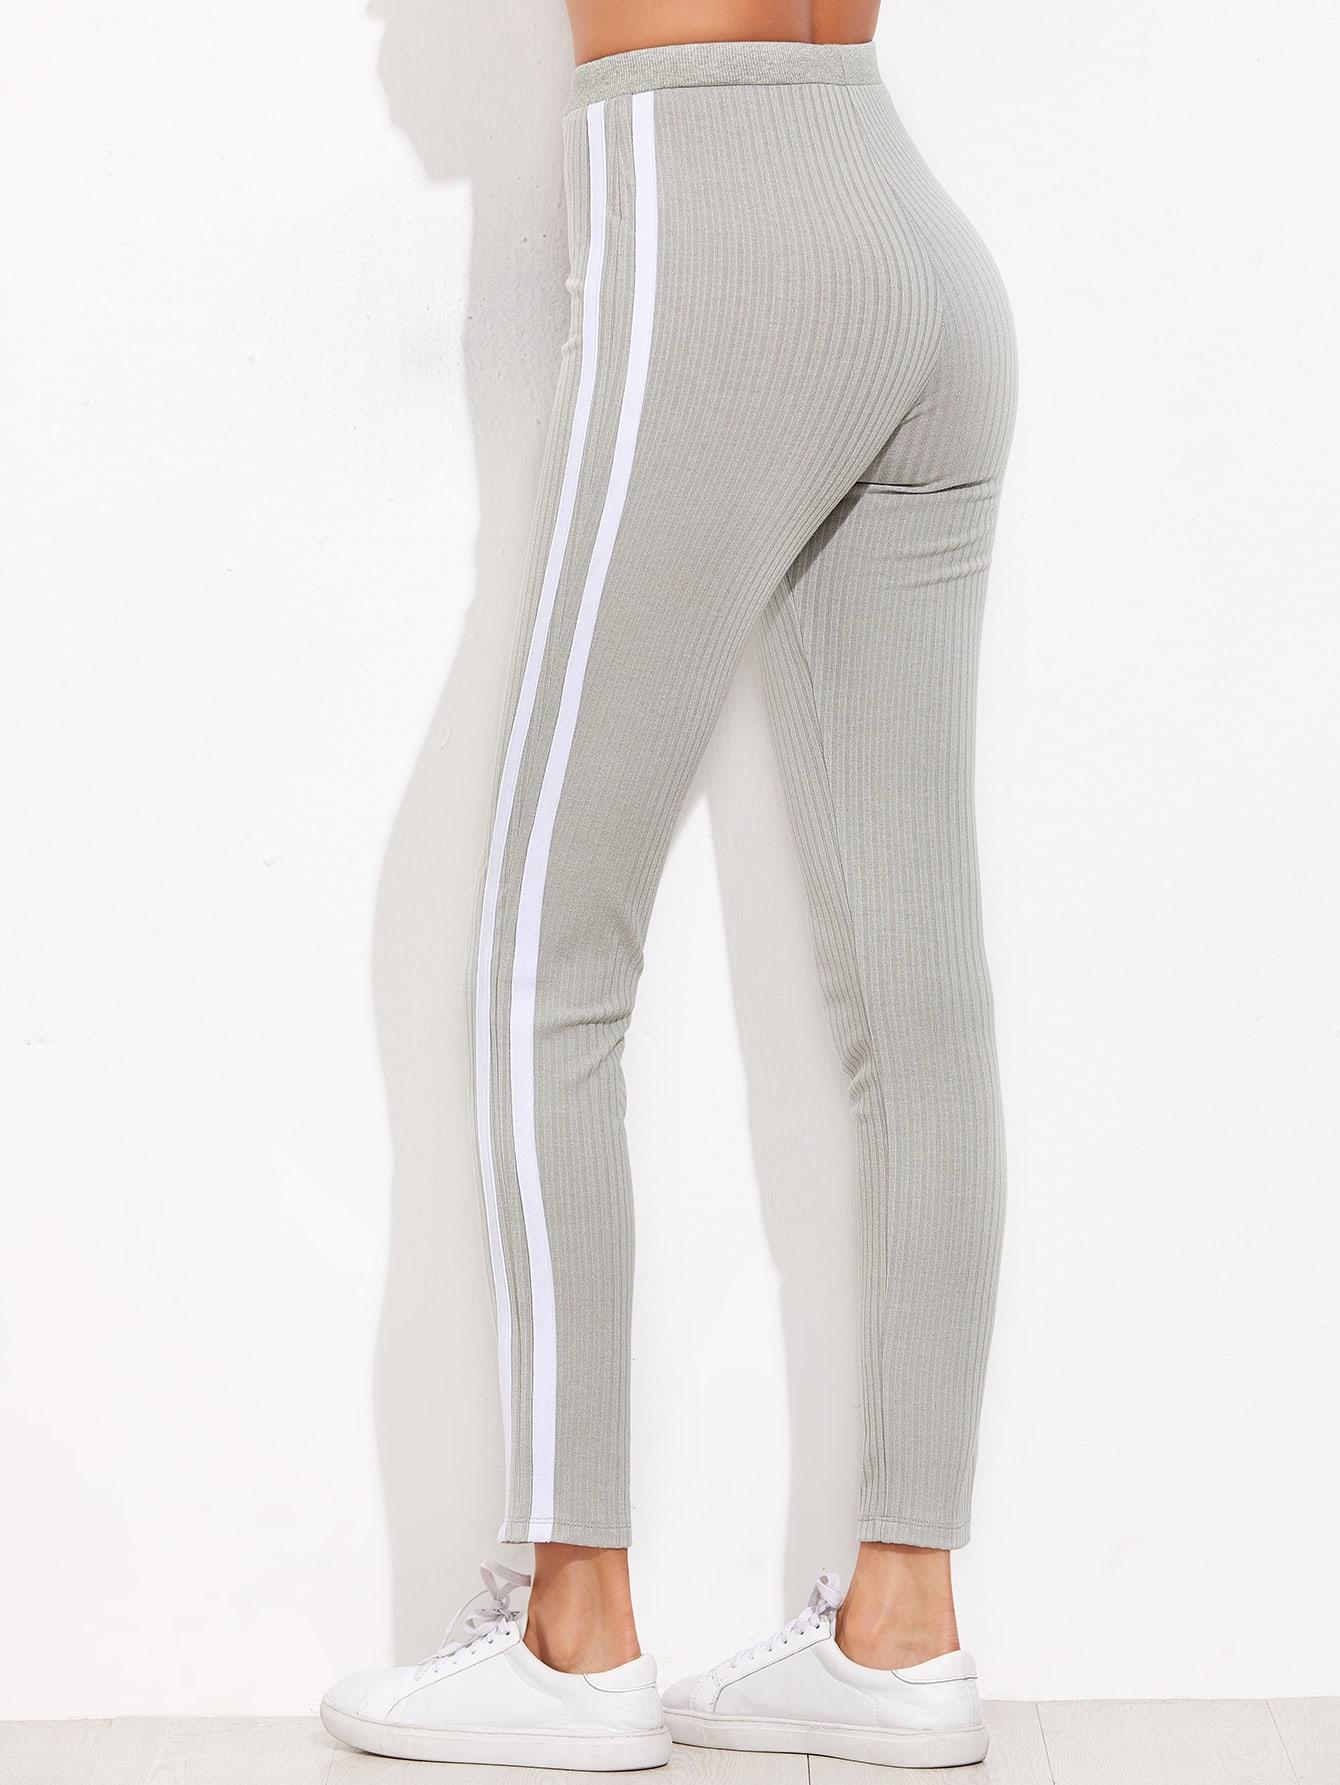 pants161025701_2